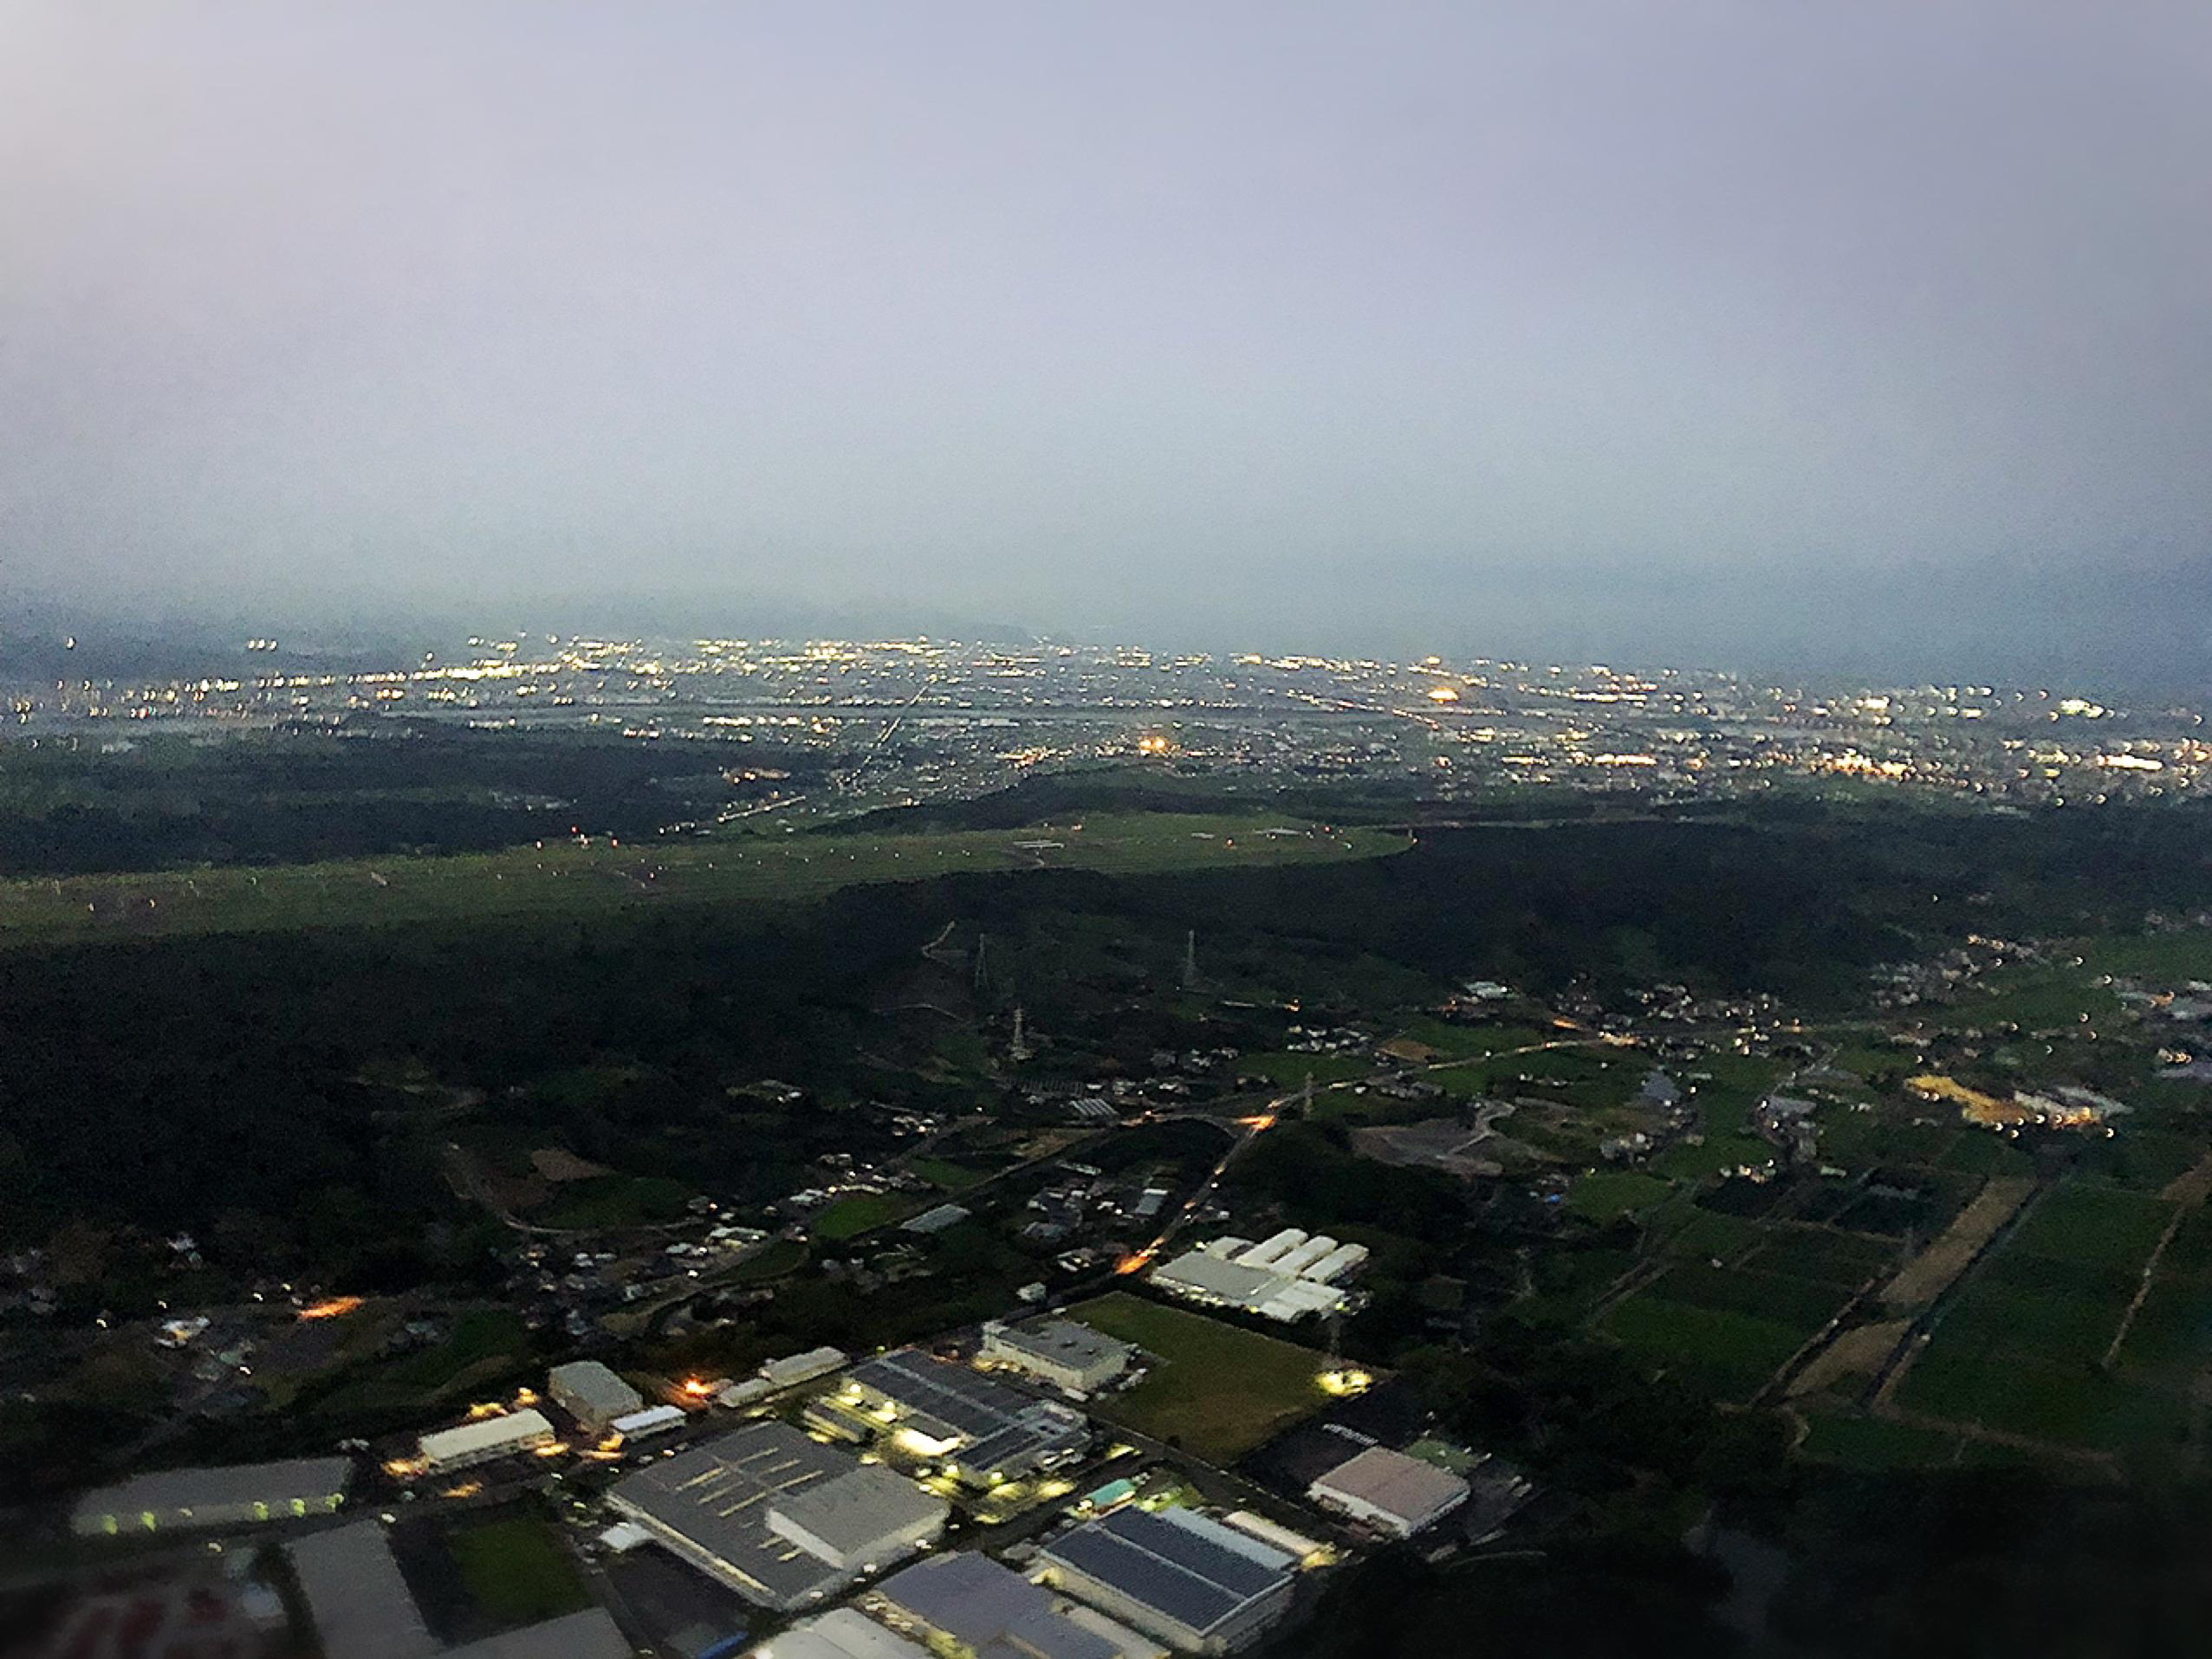 【静岡】NEW! 8月よりスタート◡̈✧。ヘリコプターでの遊覧飛行!上空散歩でTHEインスタ映え!_6